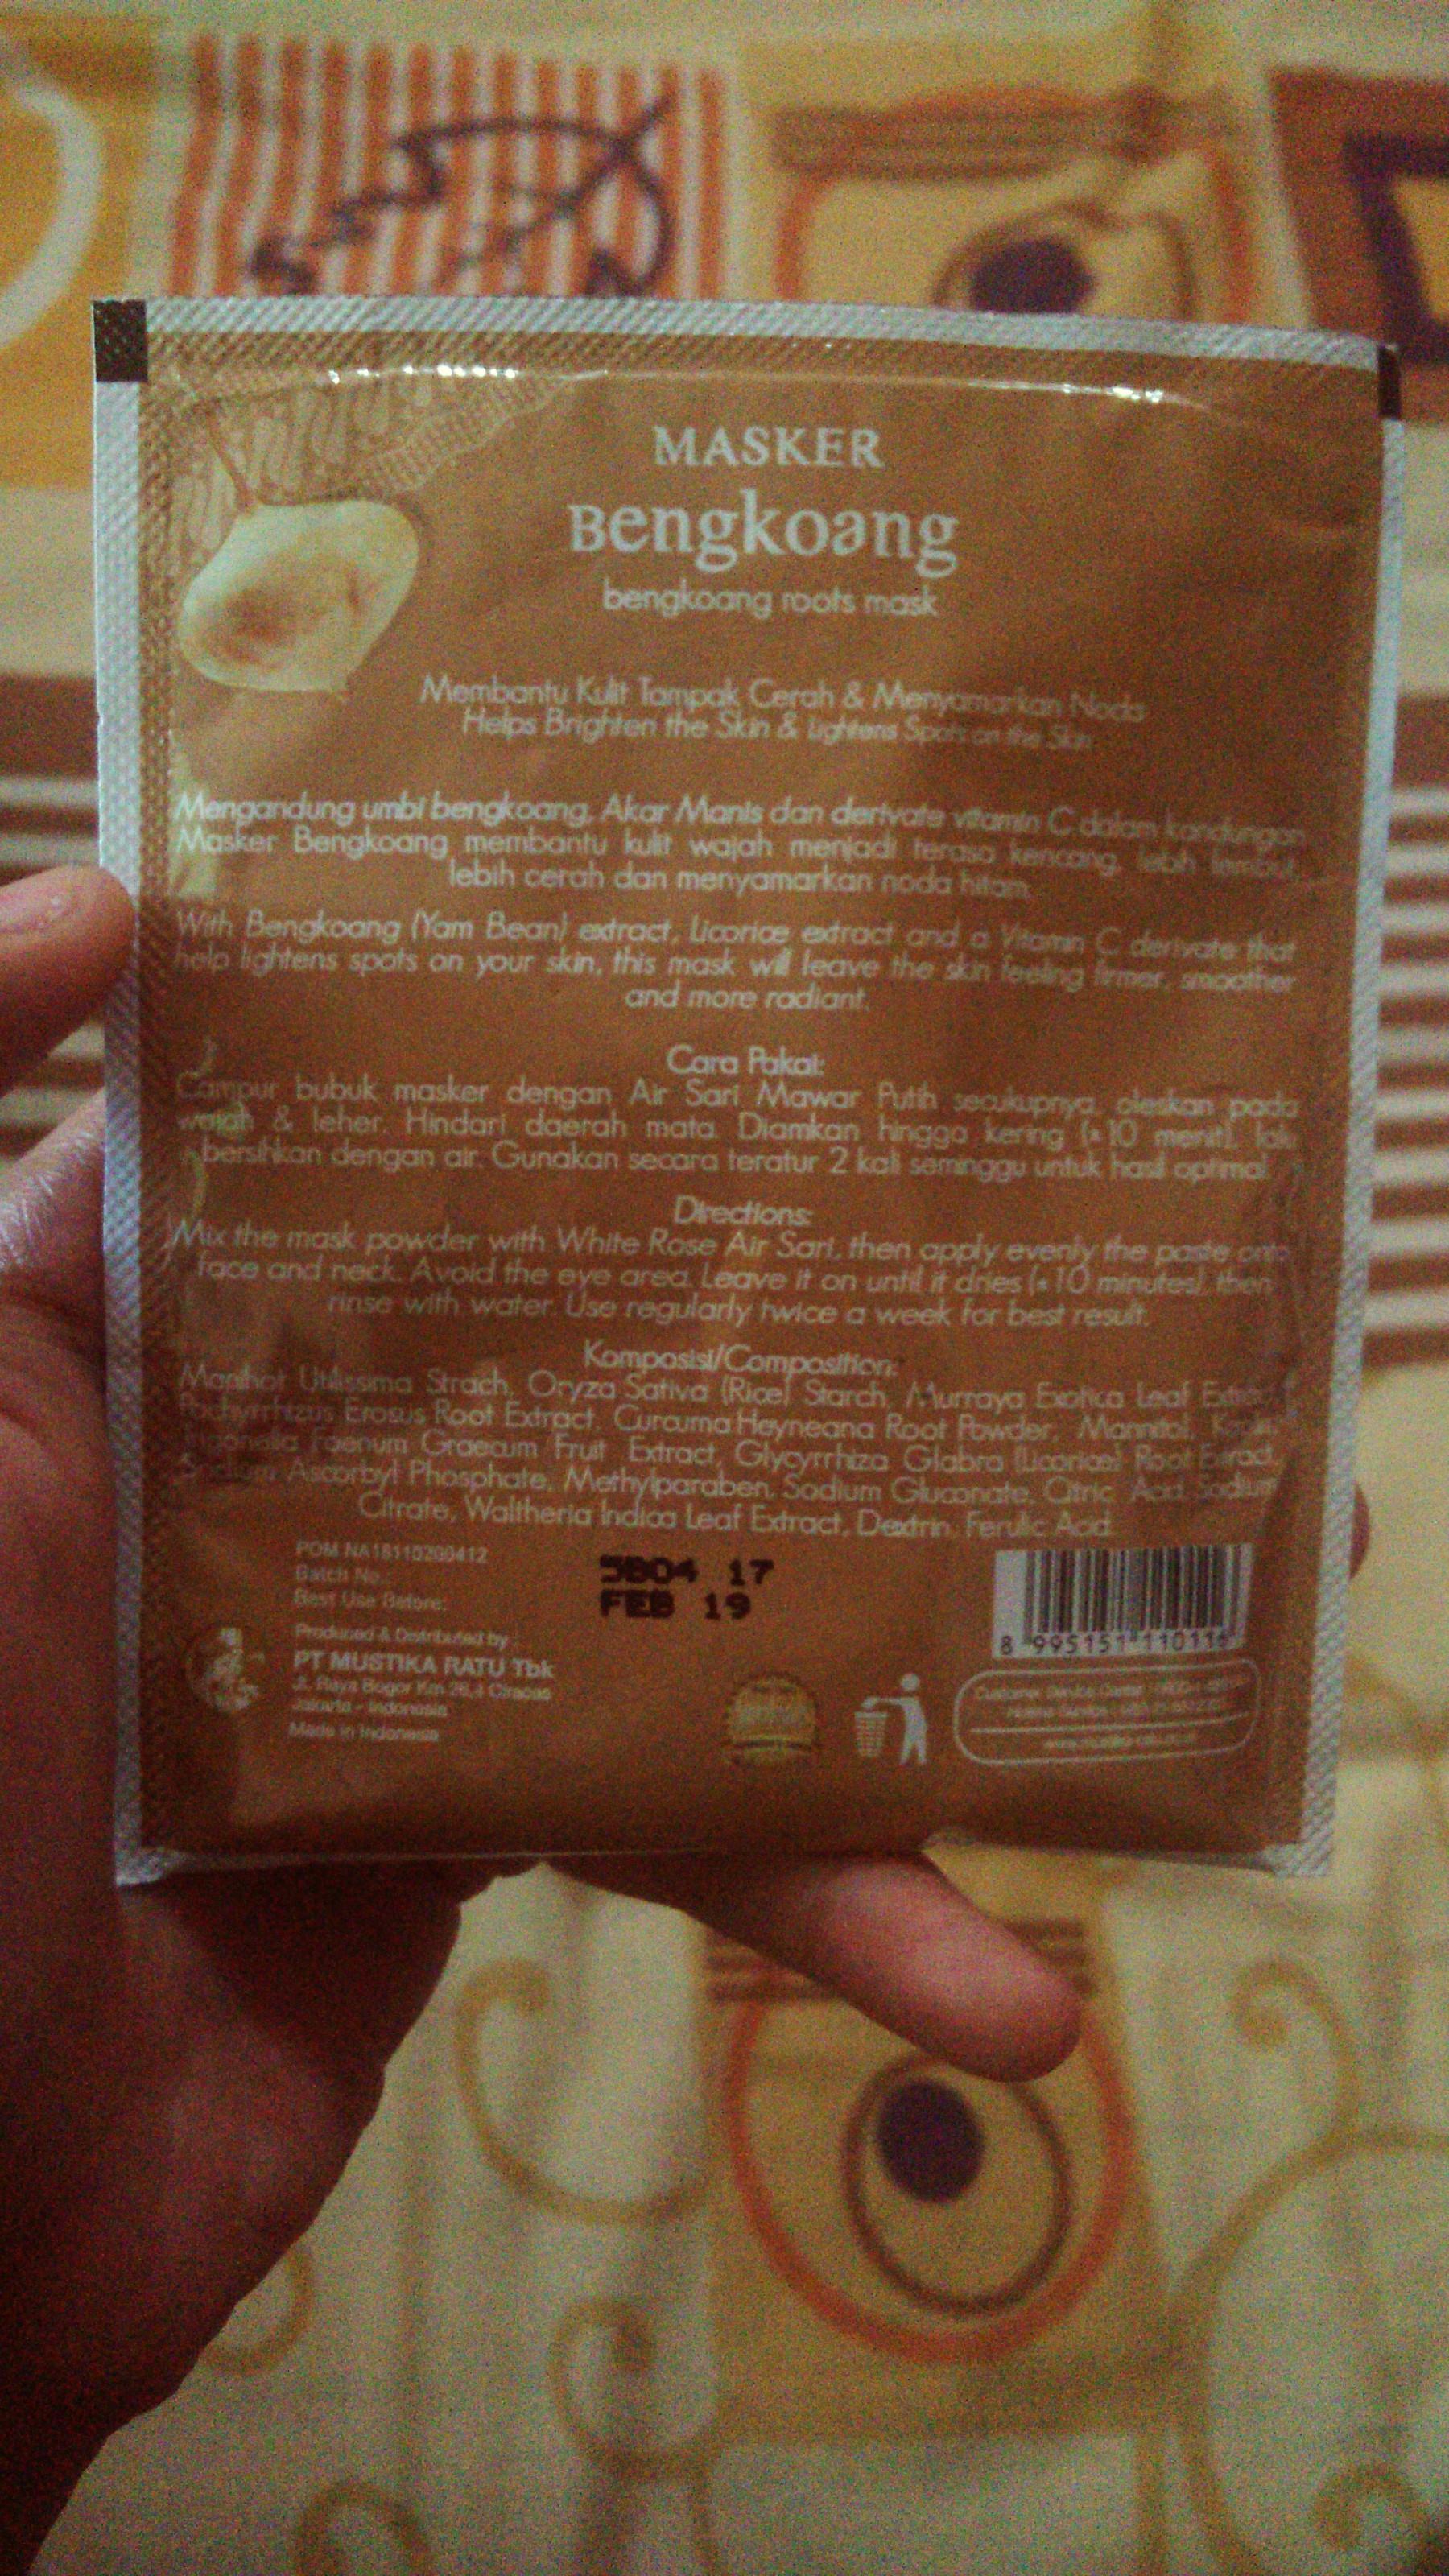 Review Mustika Ratu Air Sari Mawar Putih Review Masker